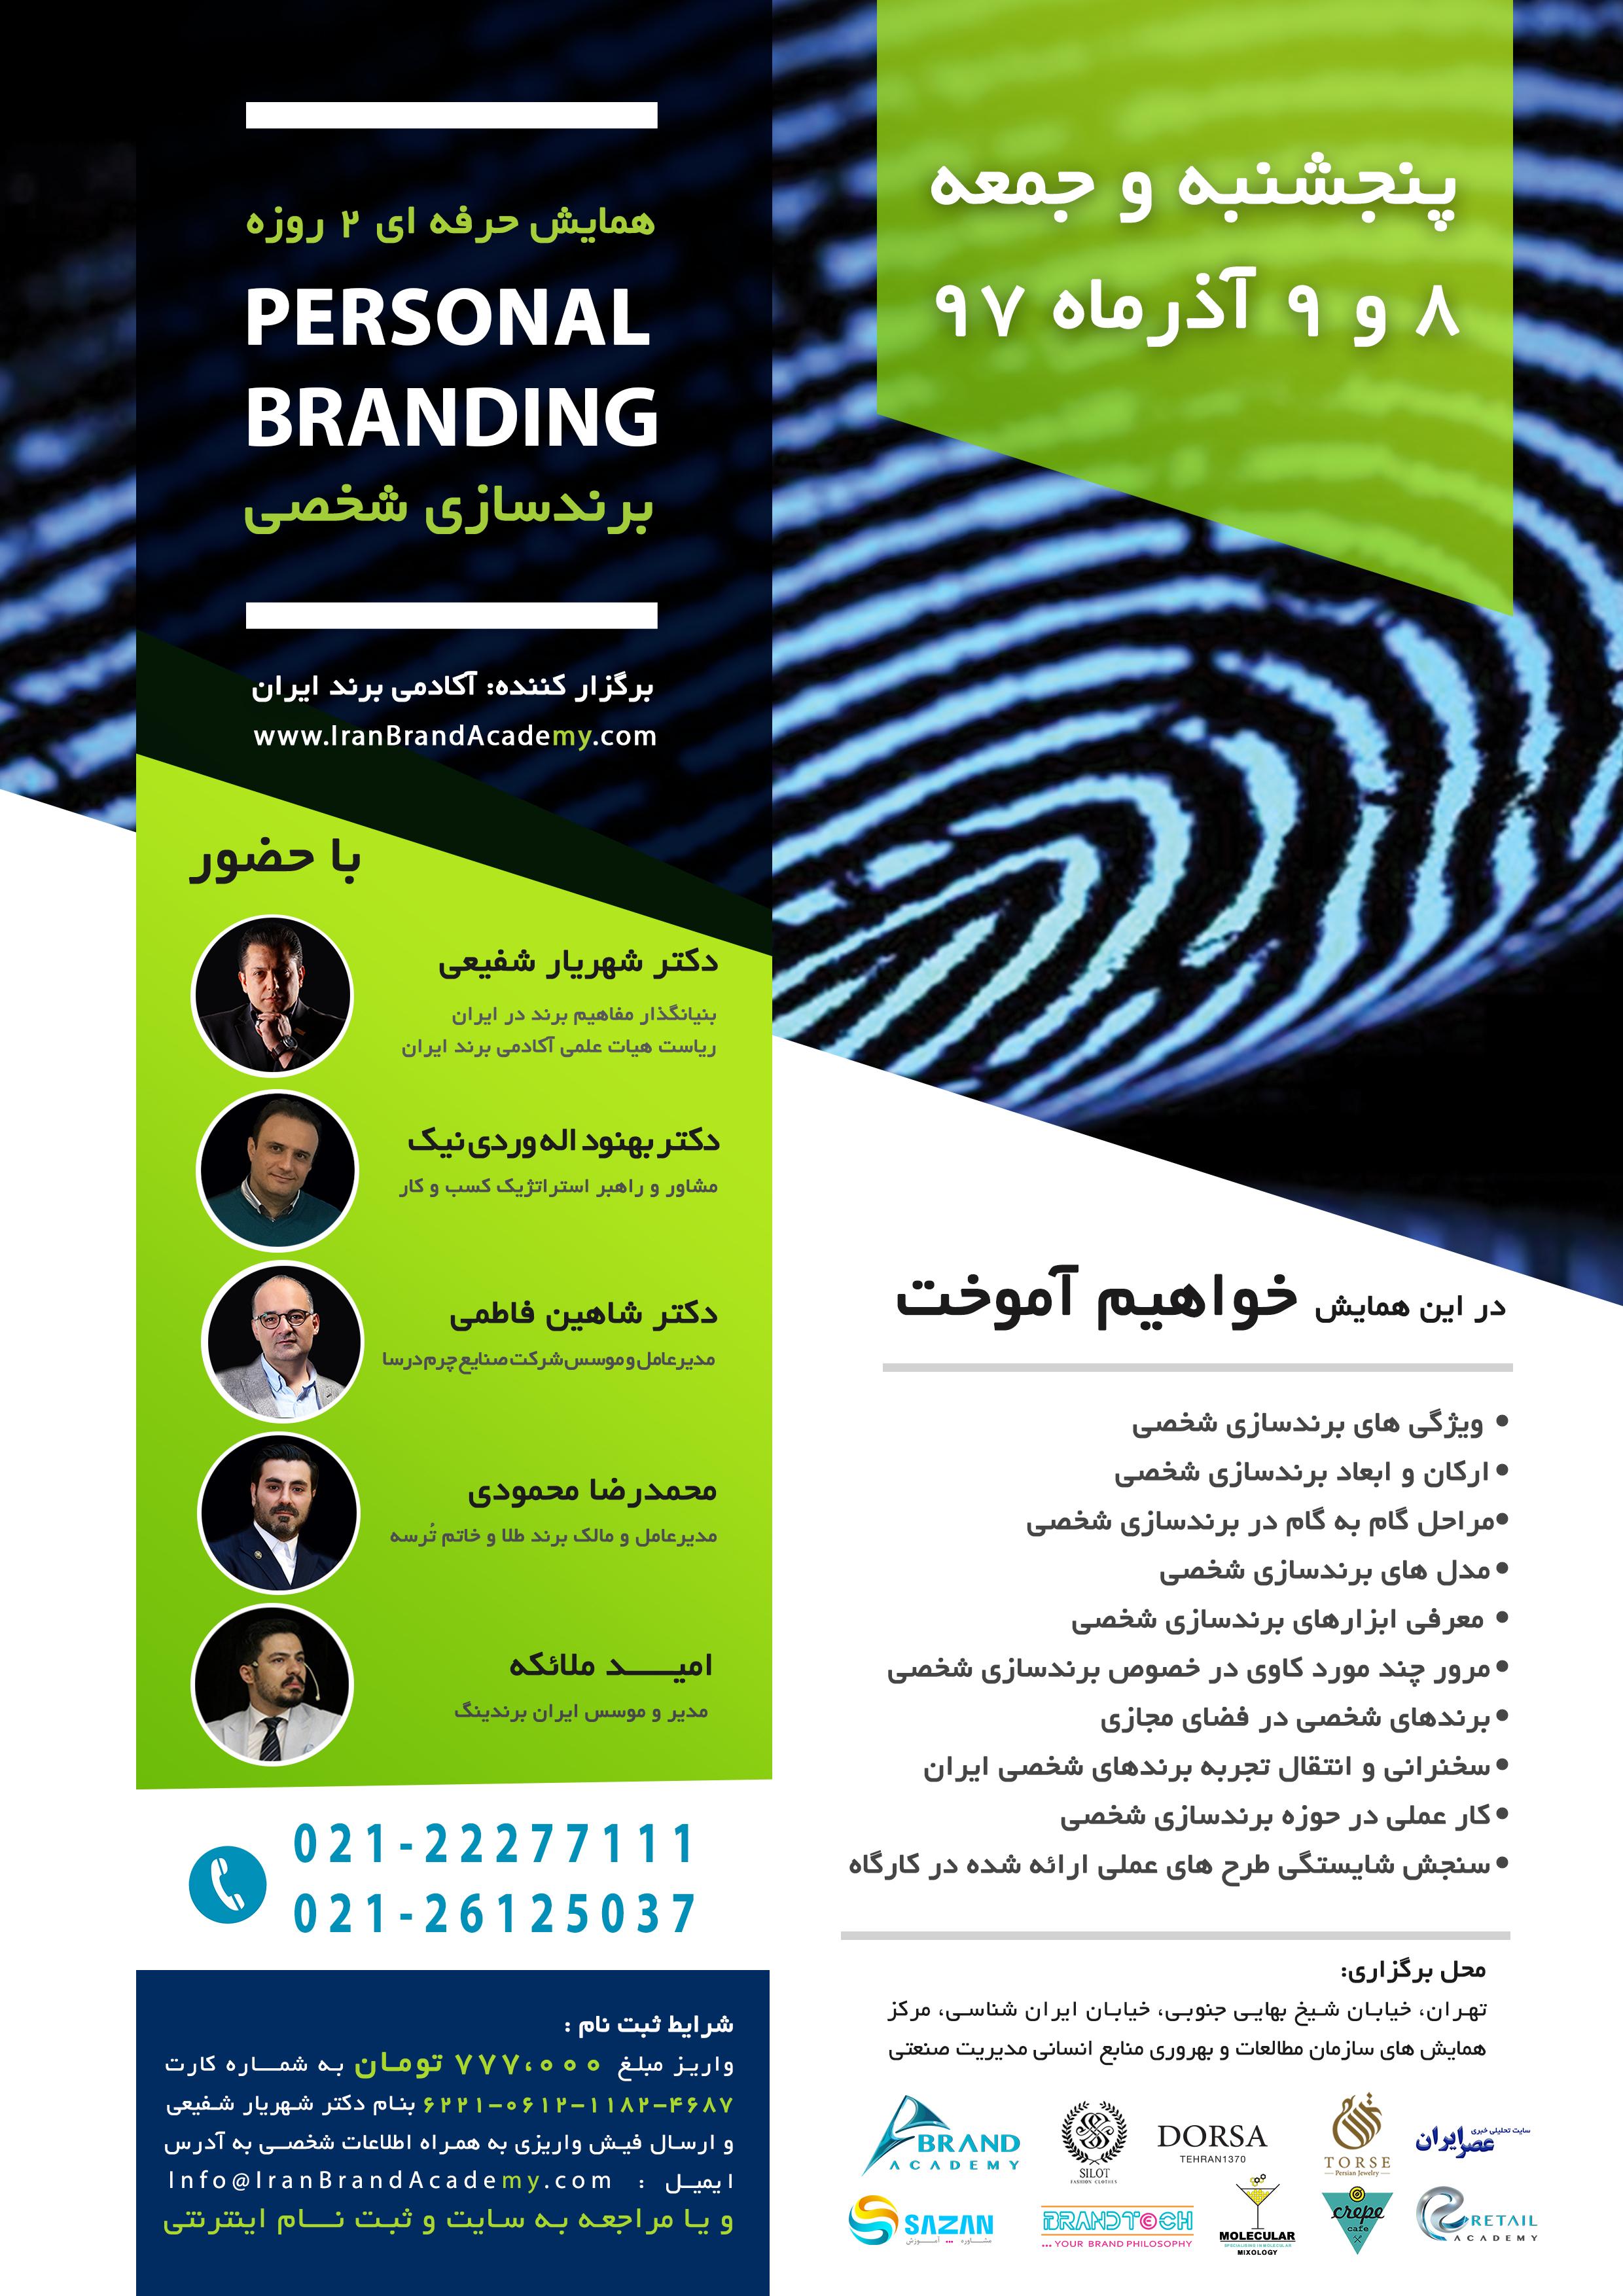 گردهمایی پرسونال برندهای فردای ایران